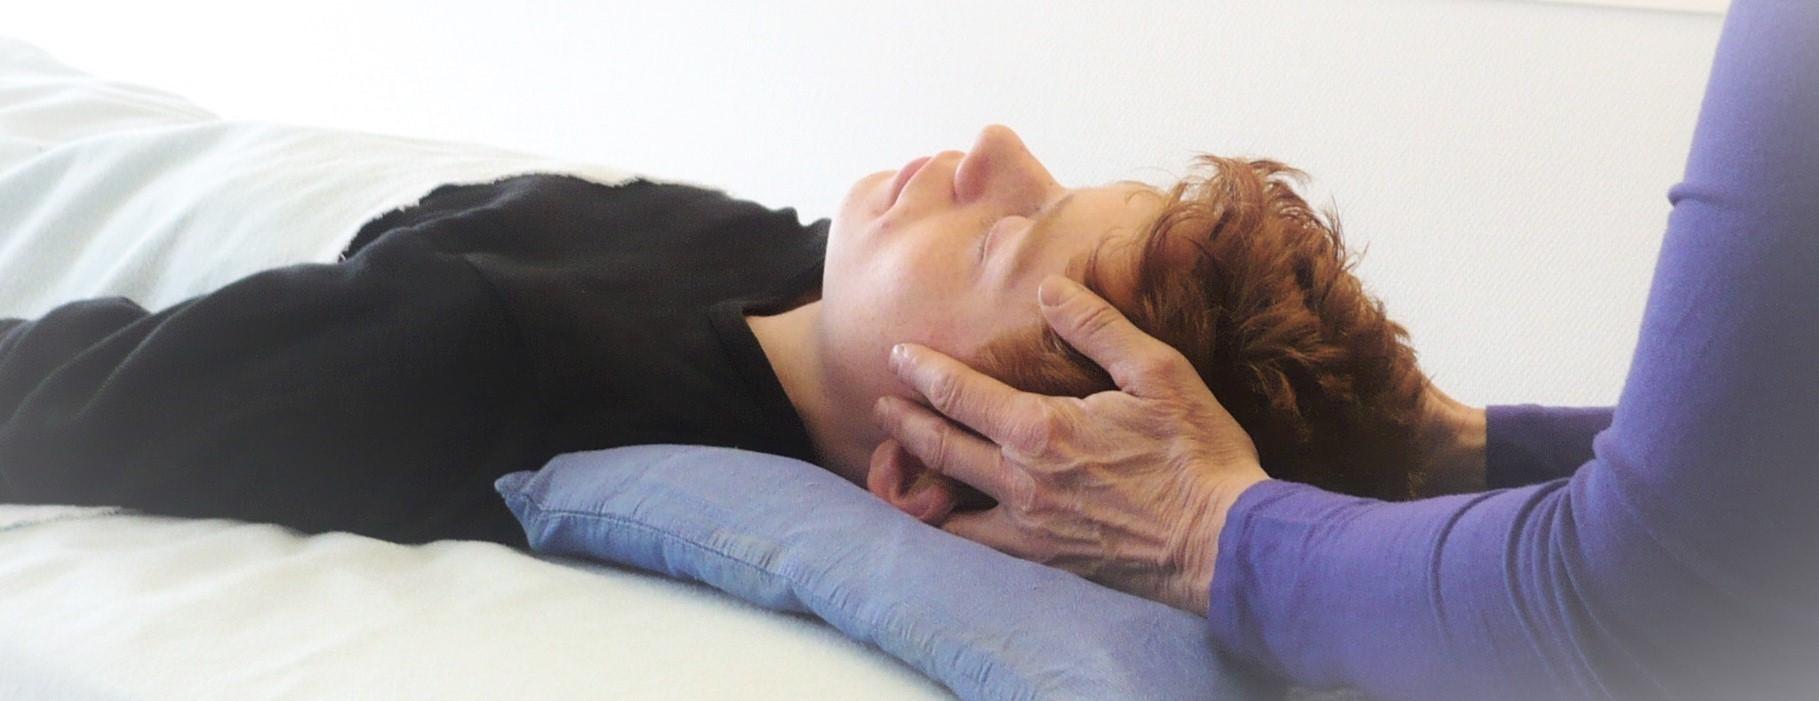 Kropsterapeut, Fysioterapi, Kranio Sakral terapi, Rosen terapi, Chok og Traume terapi.